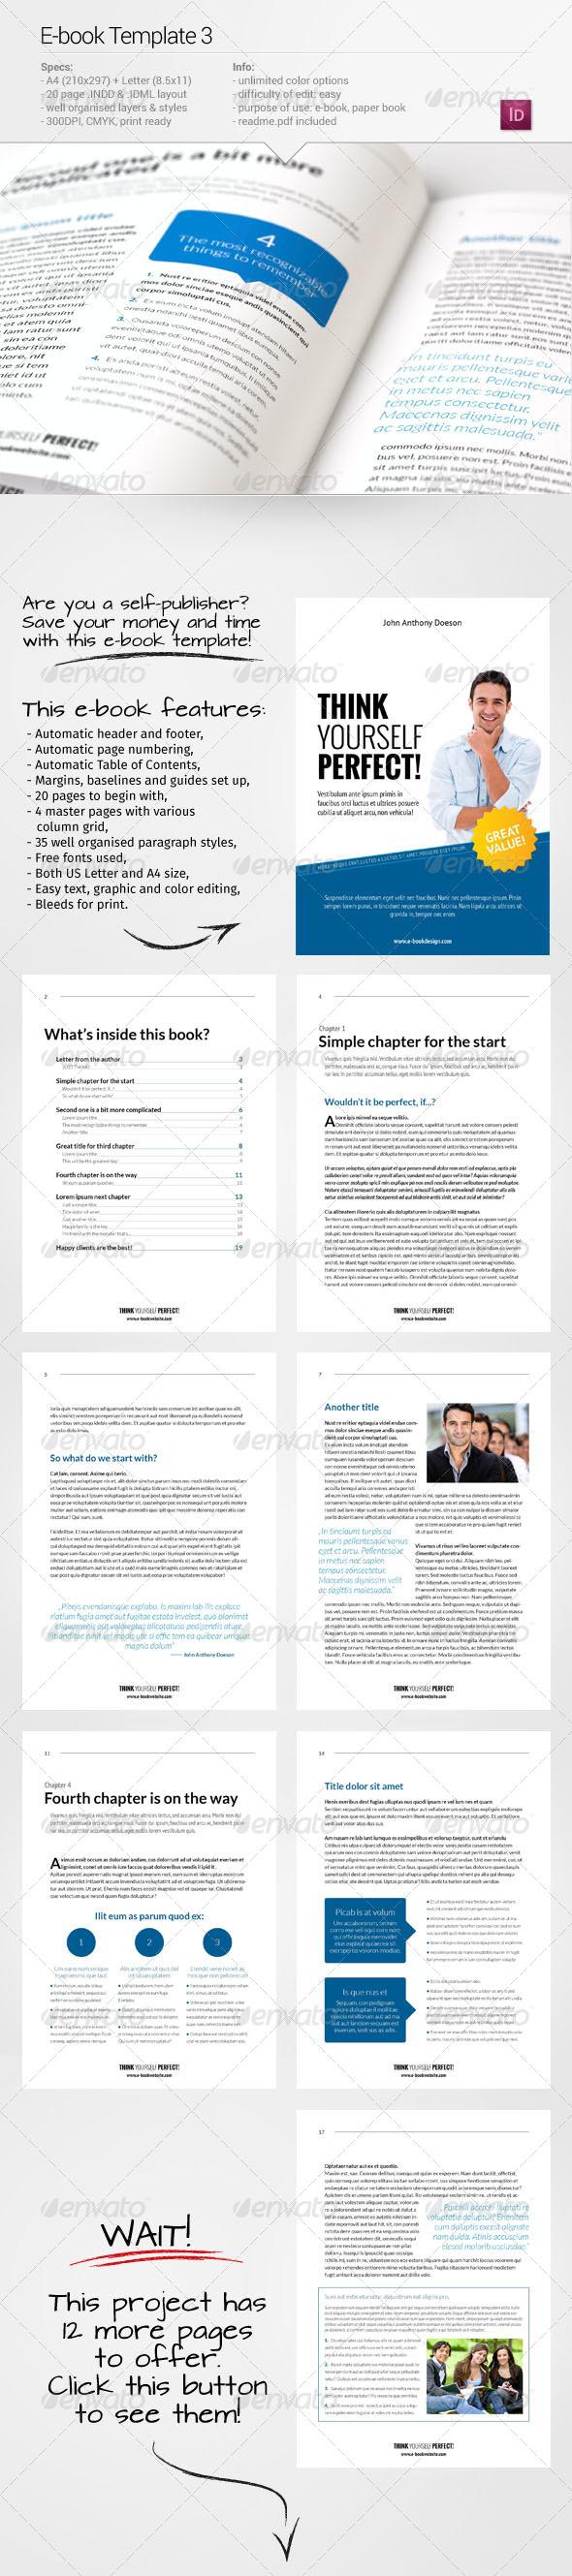 E-book Template 3